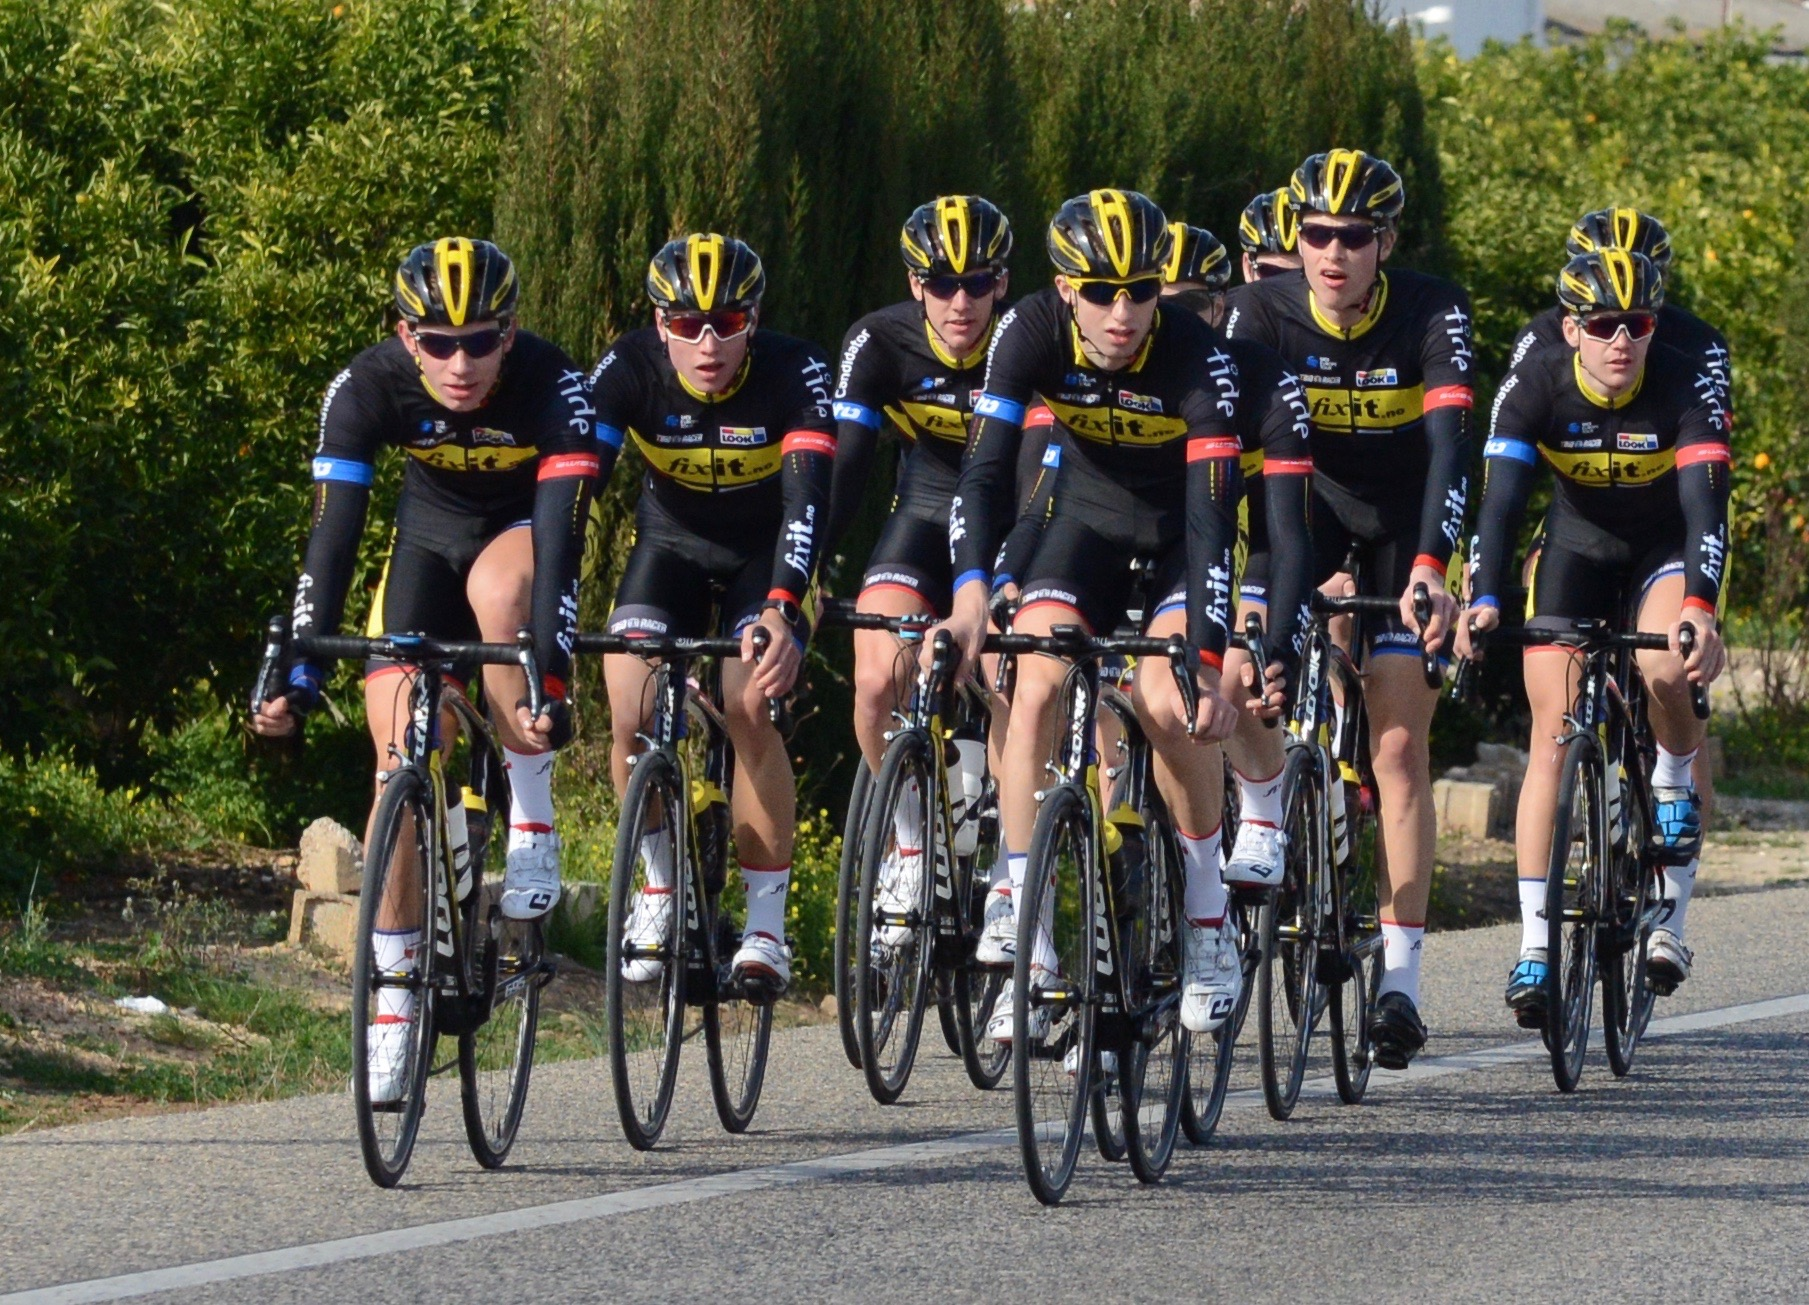 Kommer: - I stedet for å kjøpe oss til UCI-poeng, satser vi å bygge noe på egenhånd, skriver Kristoffer Madsen. Foto: Frode Jarle Jacobsen, Team FixIT.no